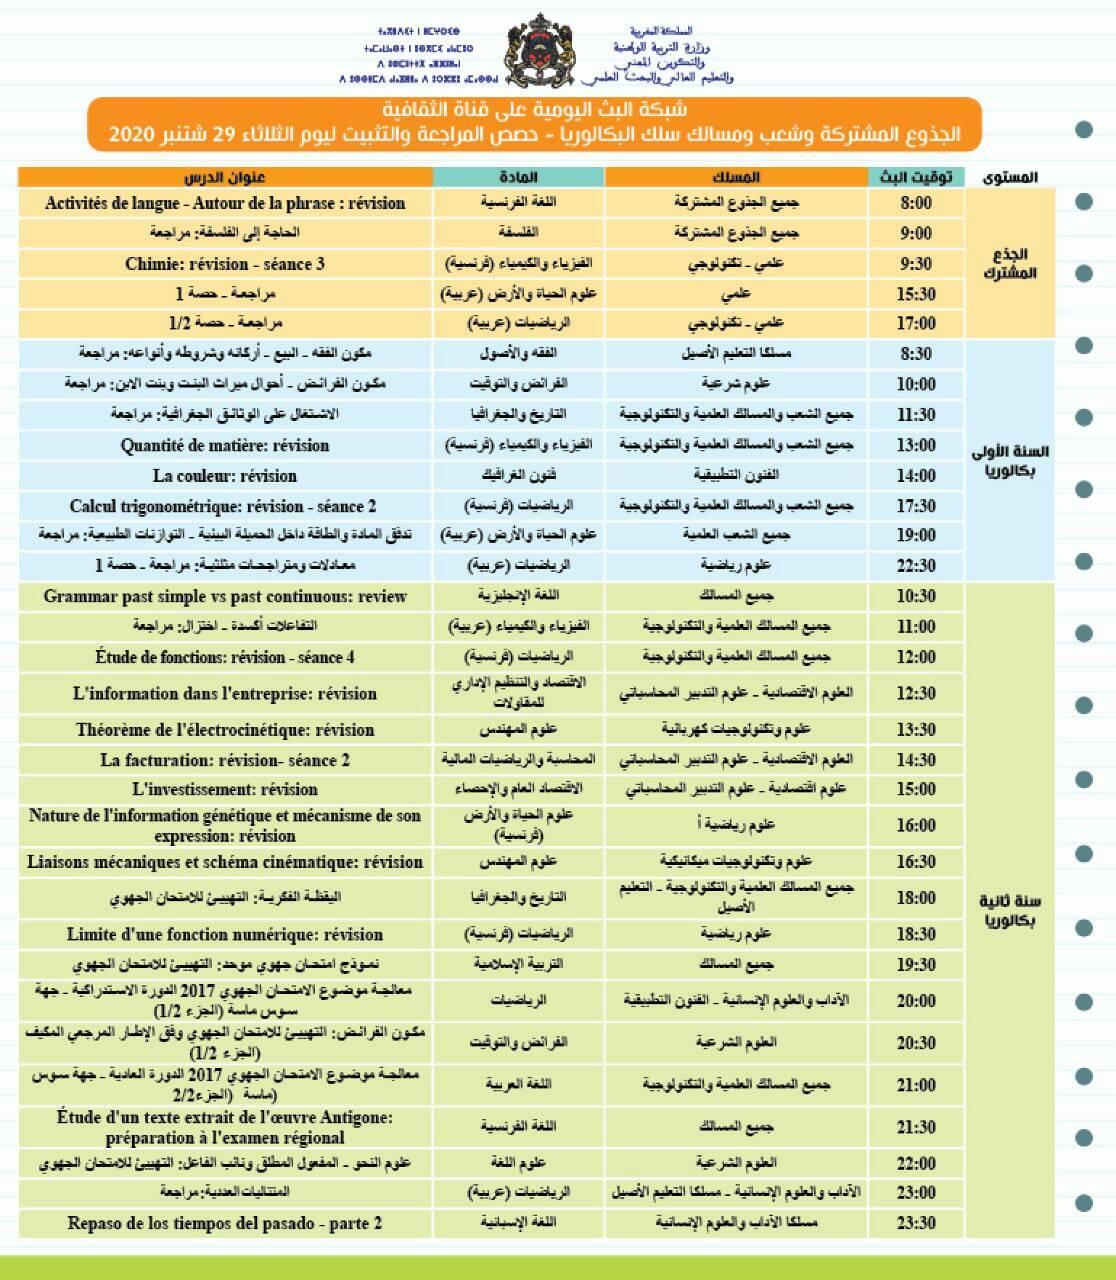 حصص المراجعة والتثبيت ليوم الثلاثاء 29 شتنبر 2020 على قنوات الثقافية والعيون و الأمازيغية